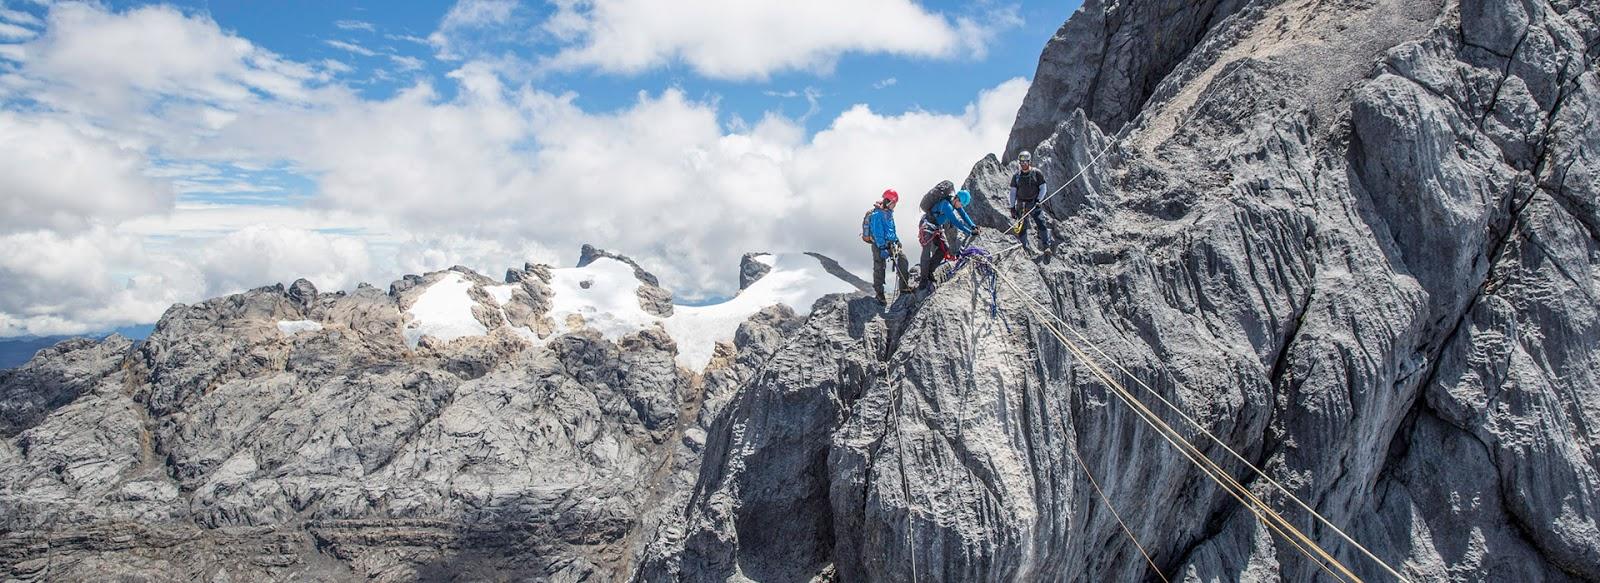 Wisata Ke Pegunungan Carstensz